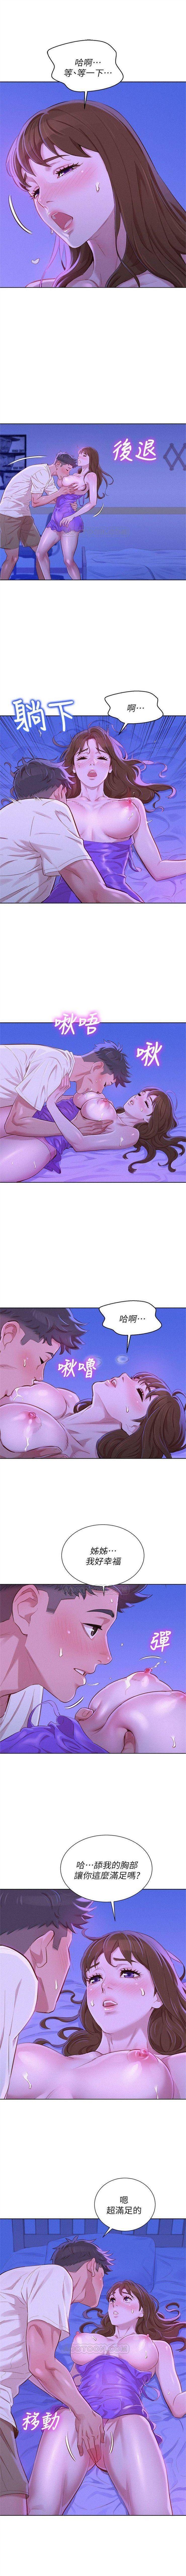 (周7)漂亮干姐姐  1-79 中文翻译 (更新中) 422